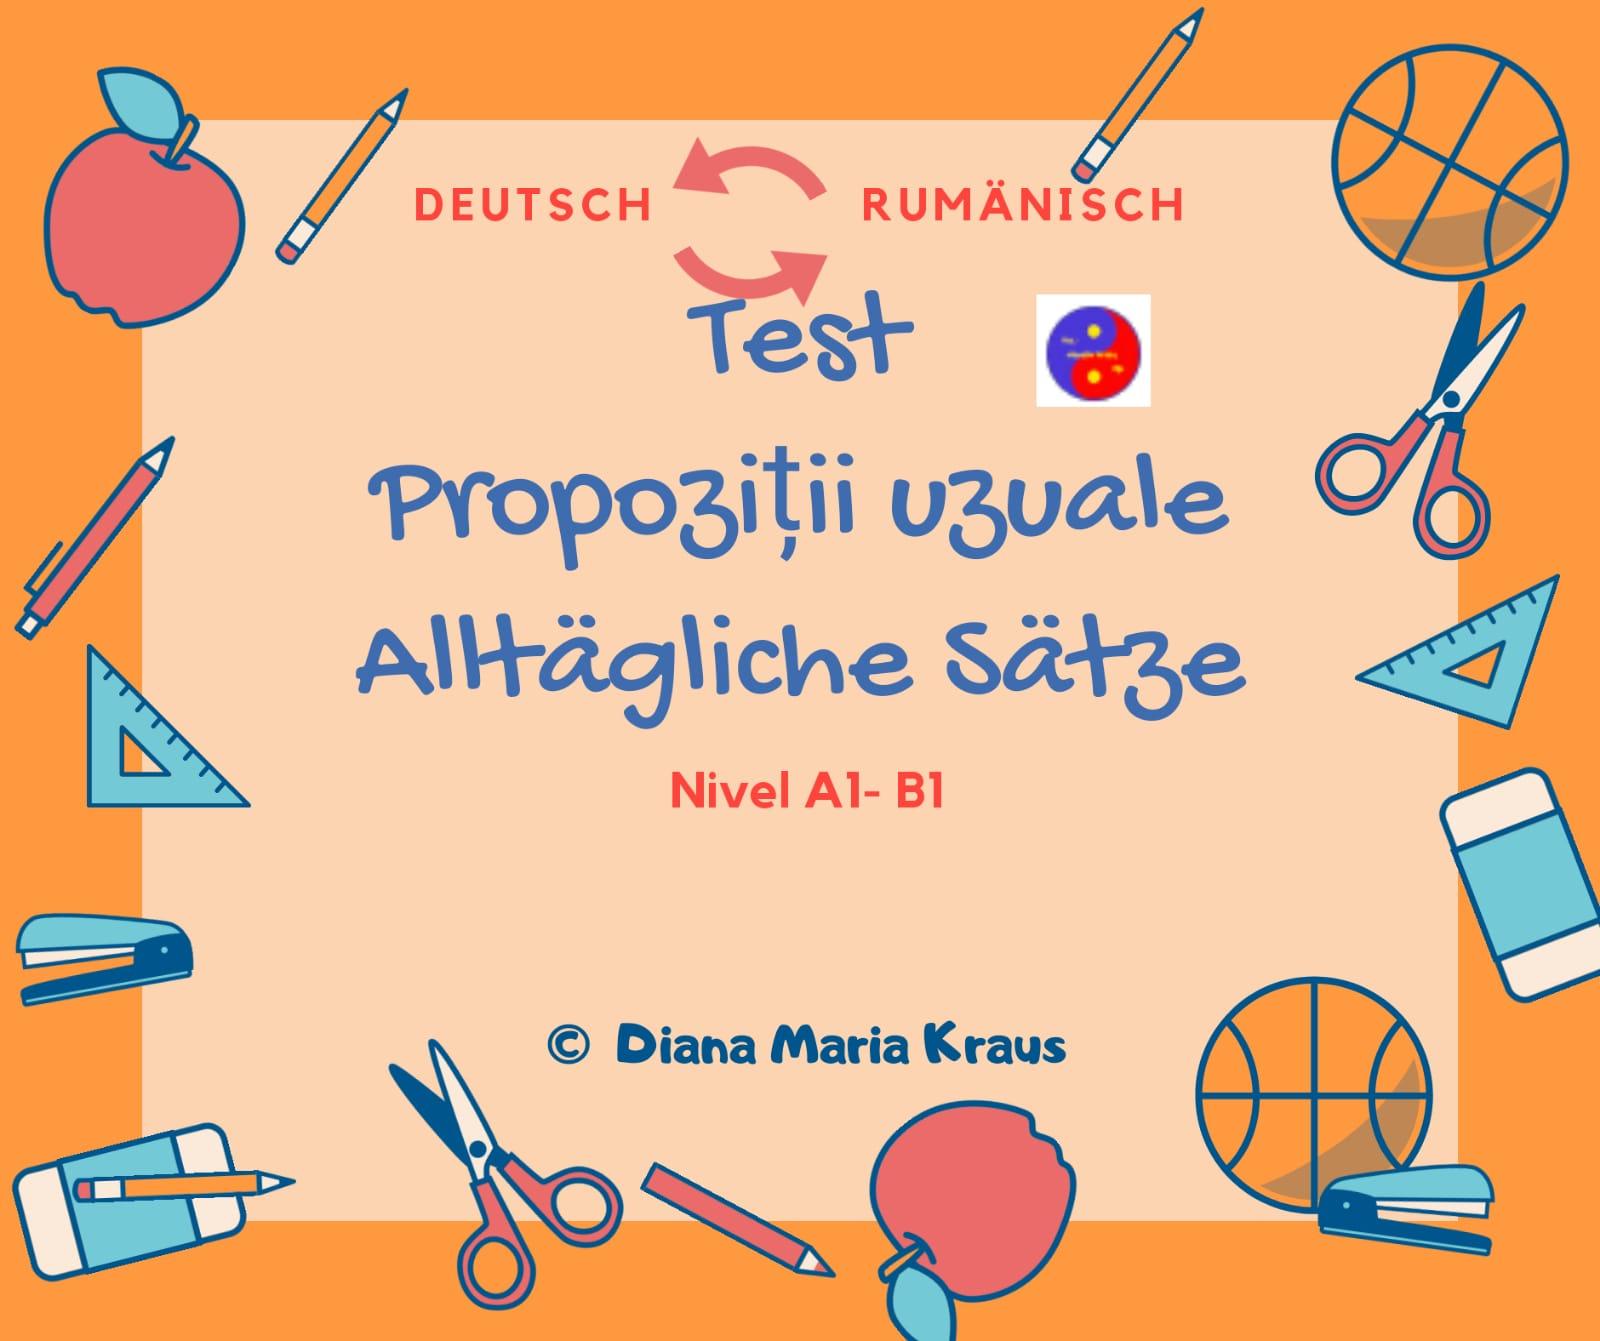 kennen | Übersetzung Rumänisch-Deutsch